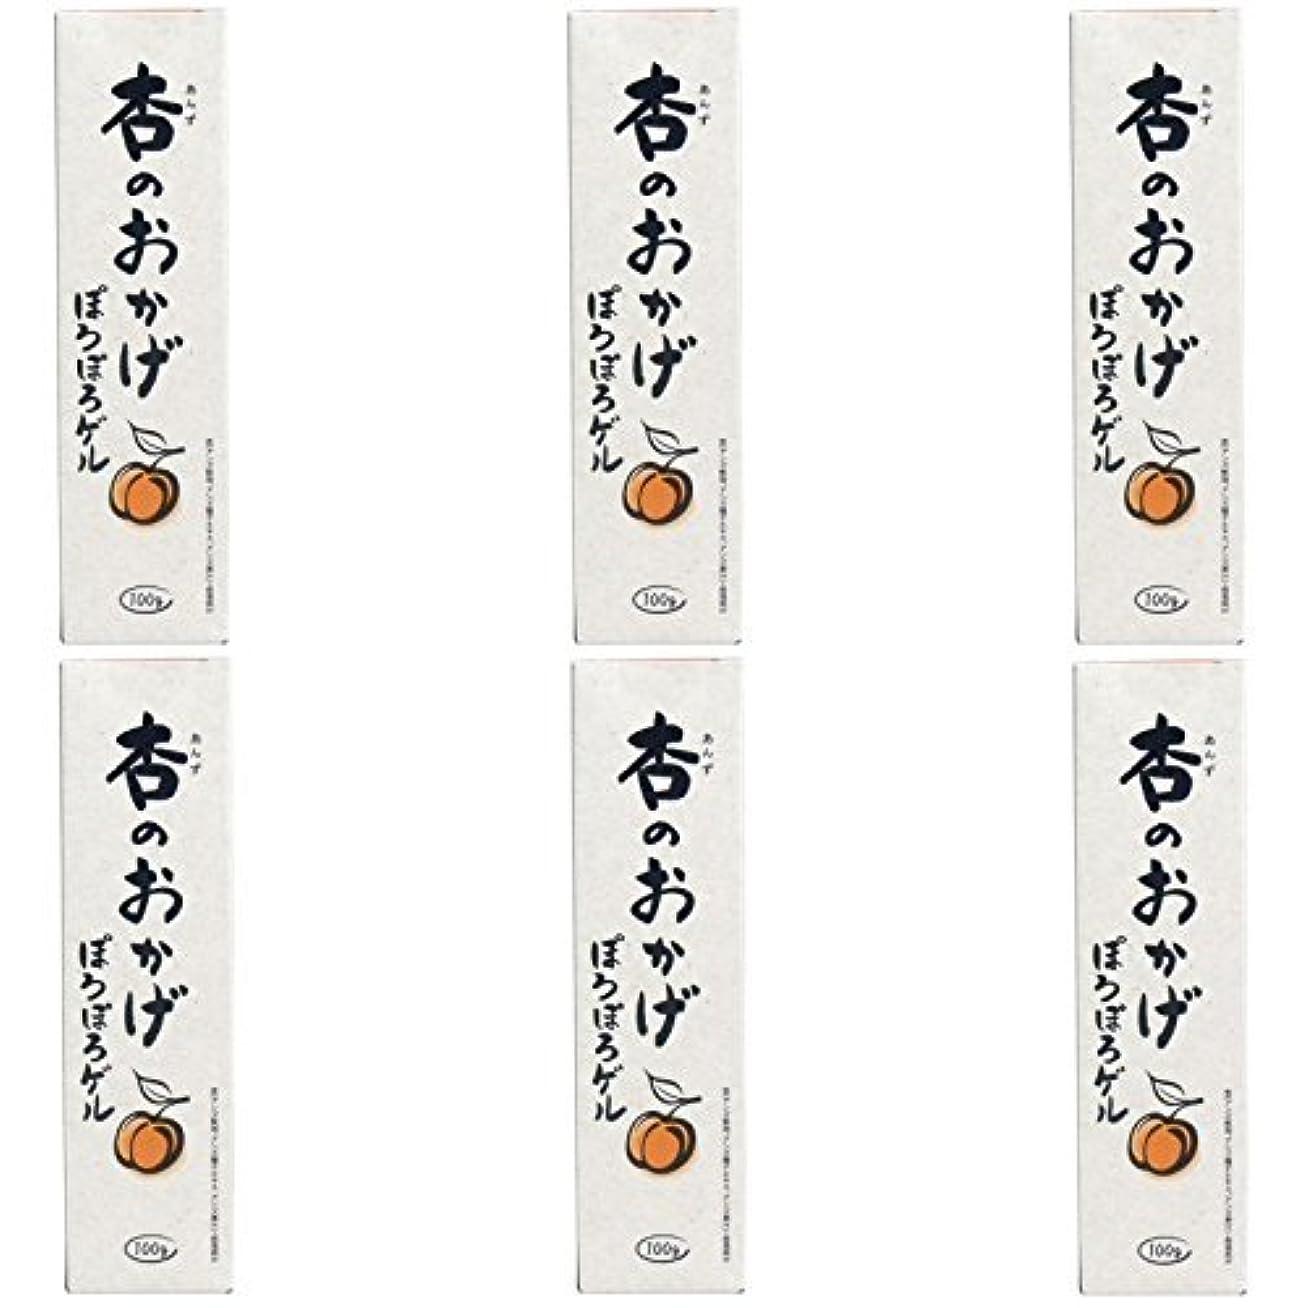 賢い競争プロフェッショナル【まとめ買い】杏のおかげ ぽろぽろゲル 100g【×6個】